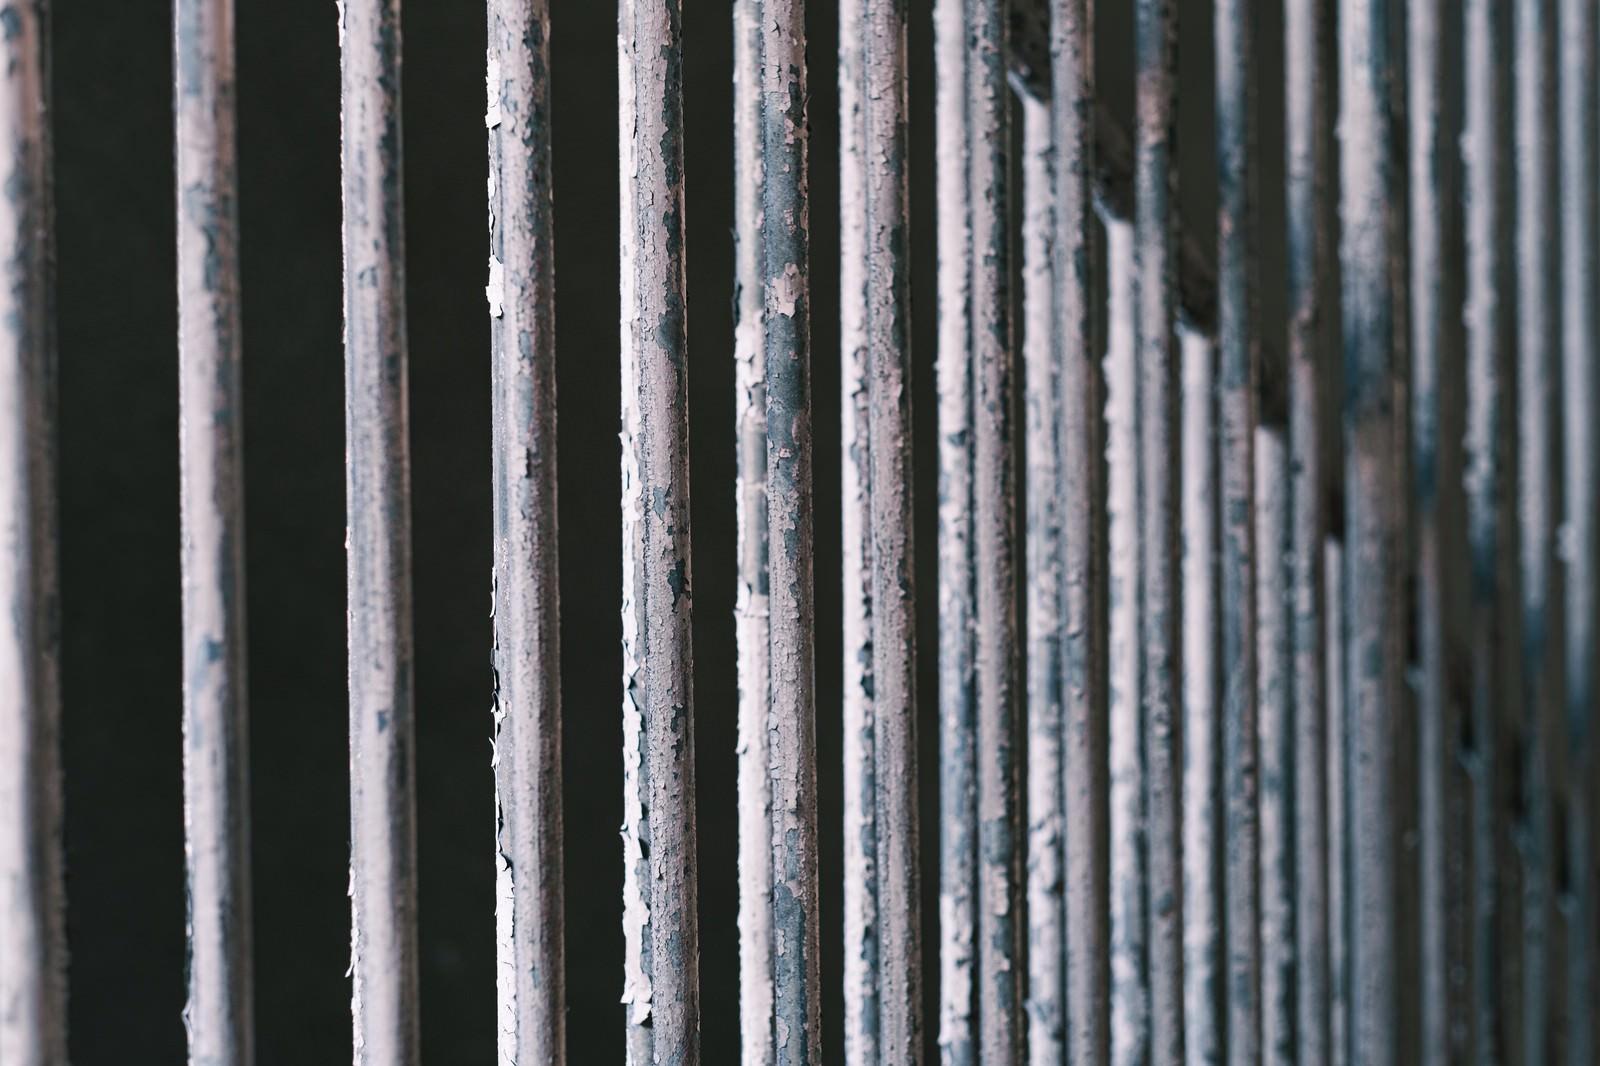 「塗装の剥げた柵(テクスチャ)」の写真